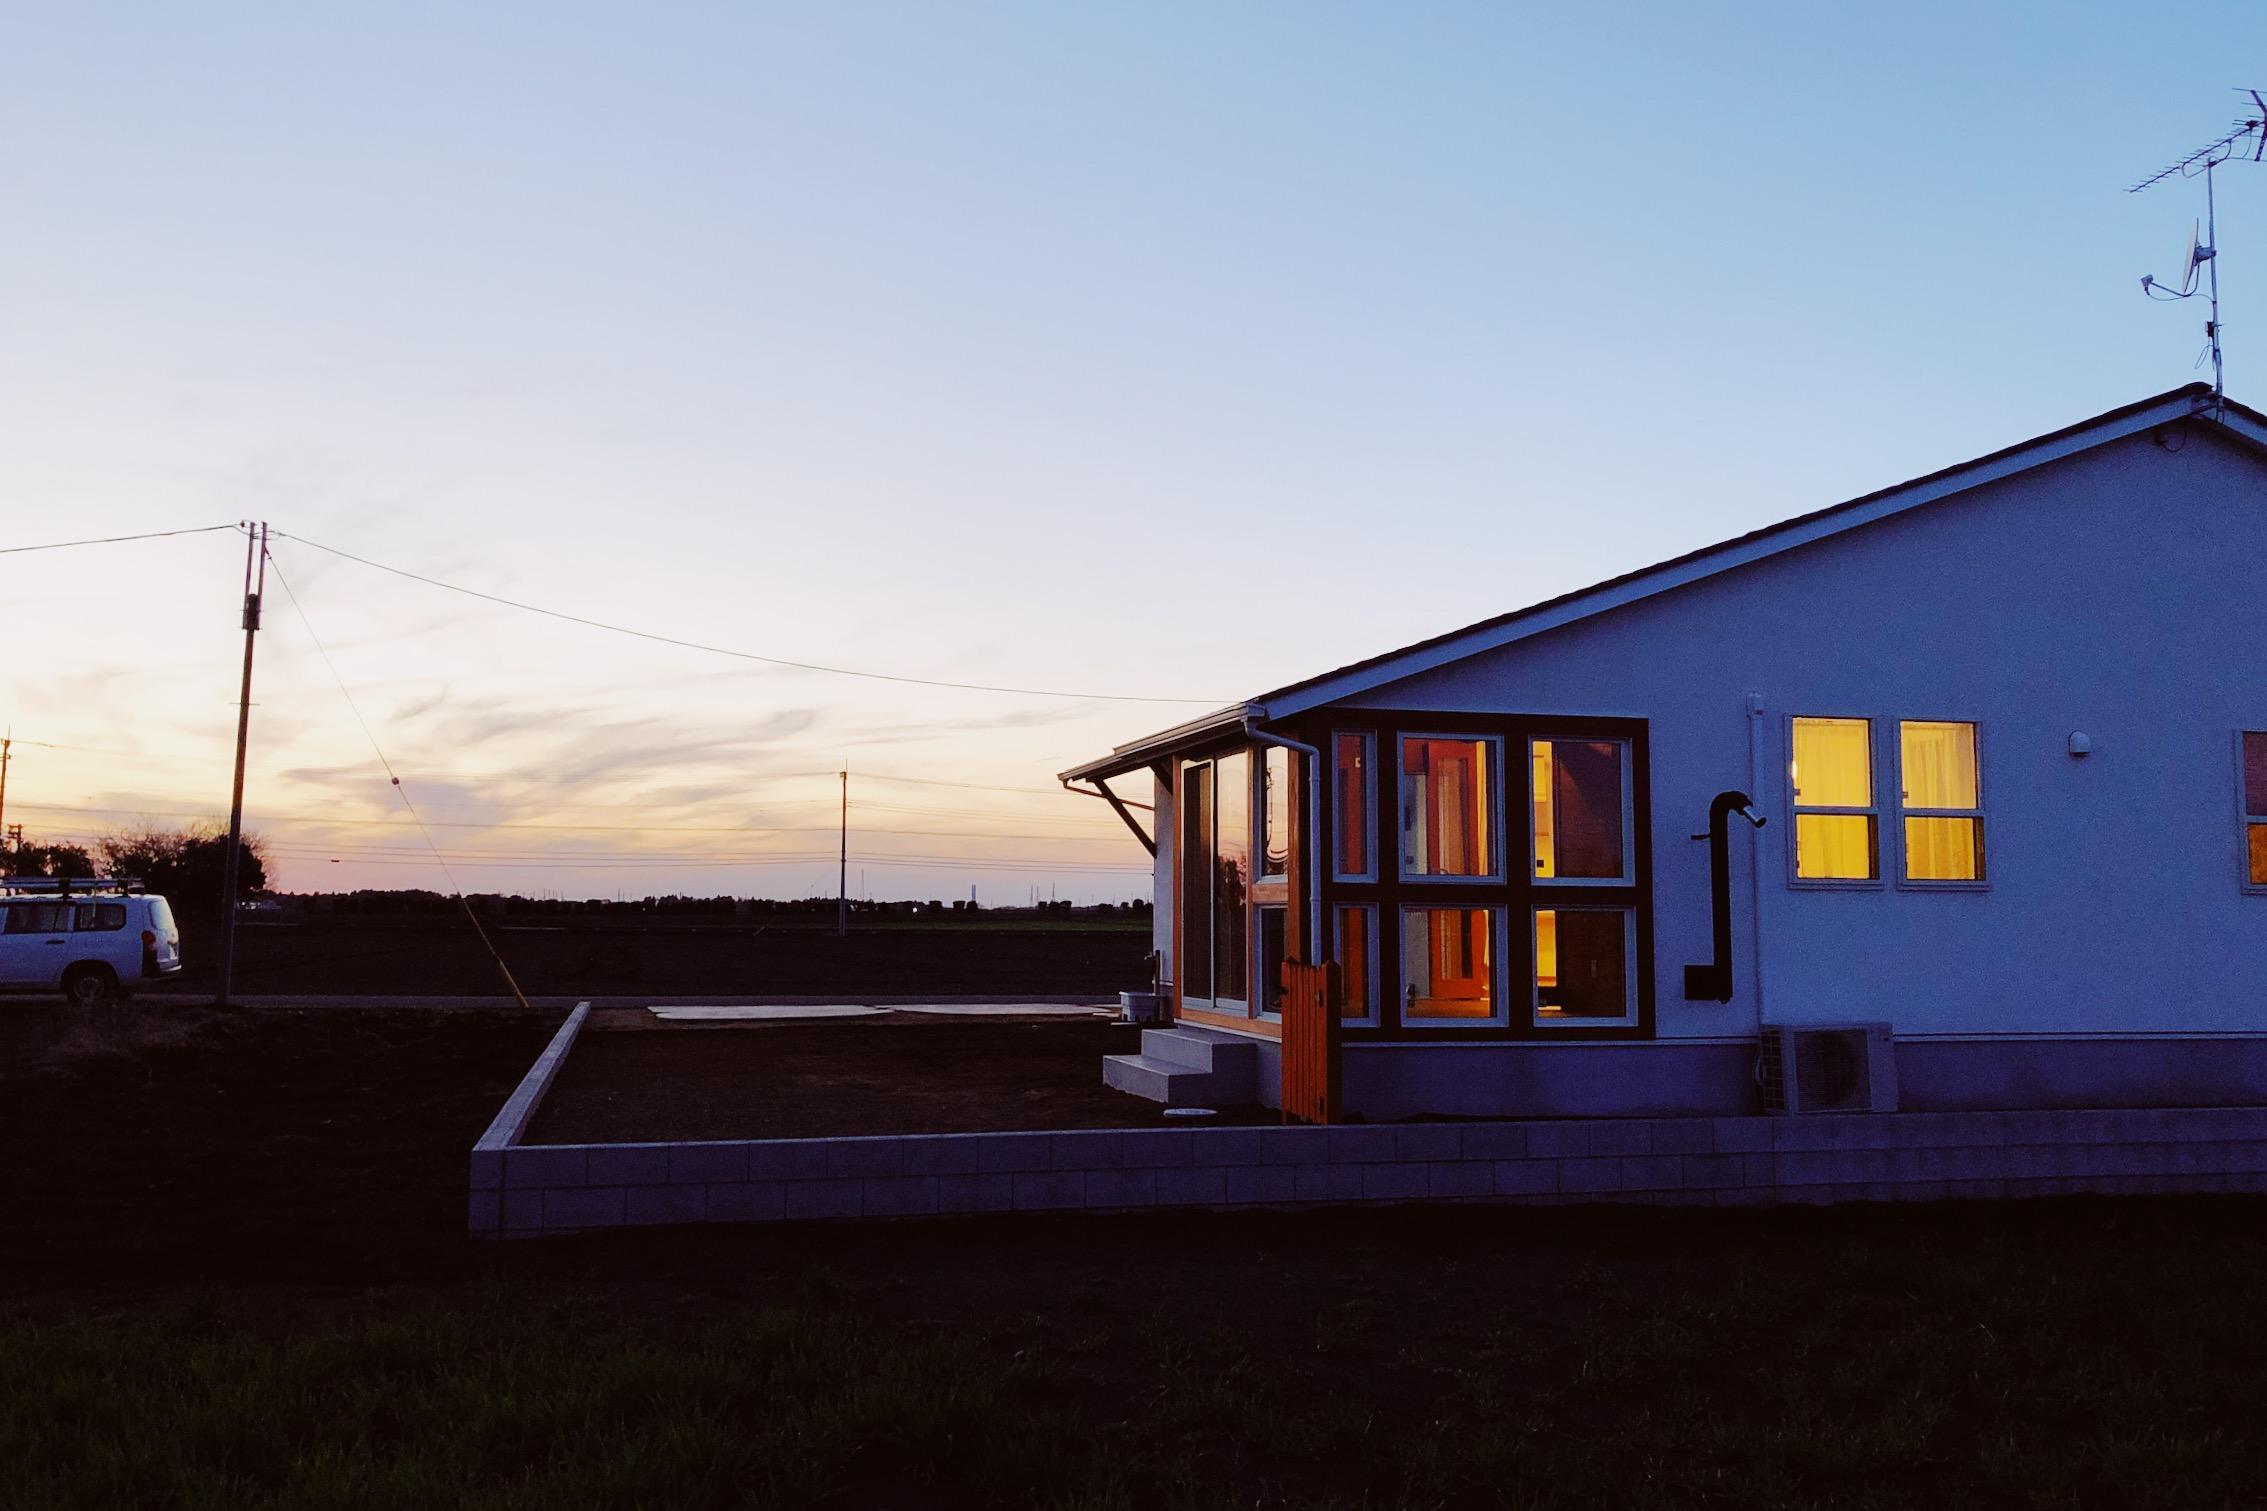 夕暮れにたたずむ平屋の外観